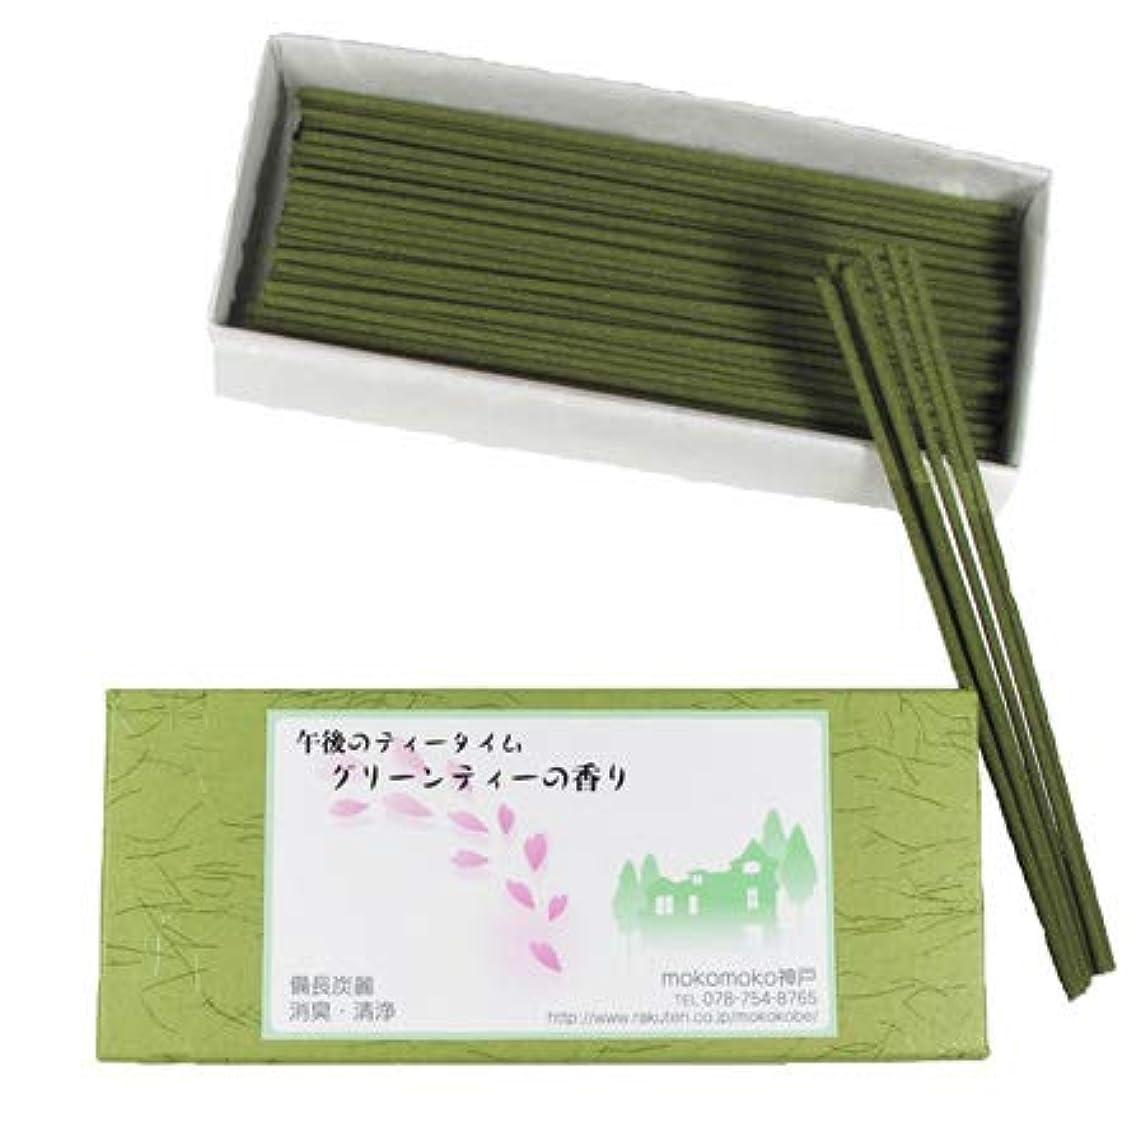 レンズハンディキャップ小道具健康線香「グリーンティーの香り」